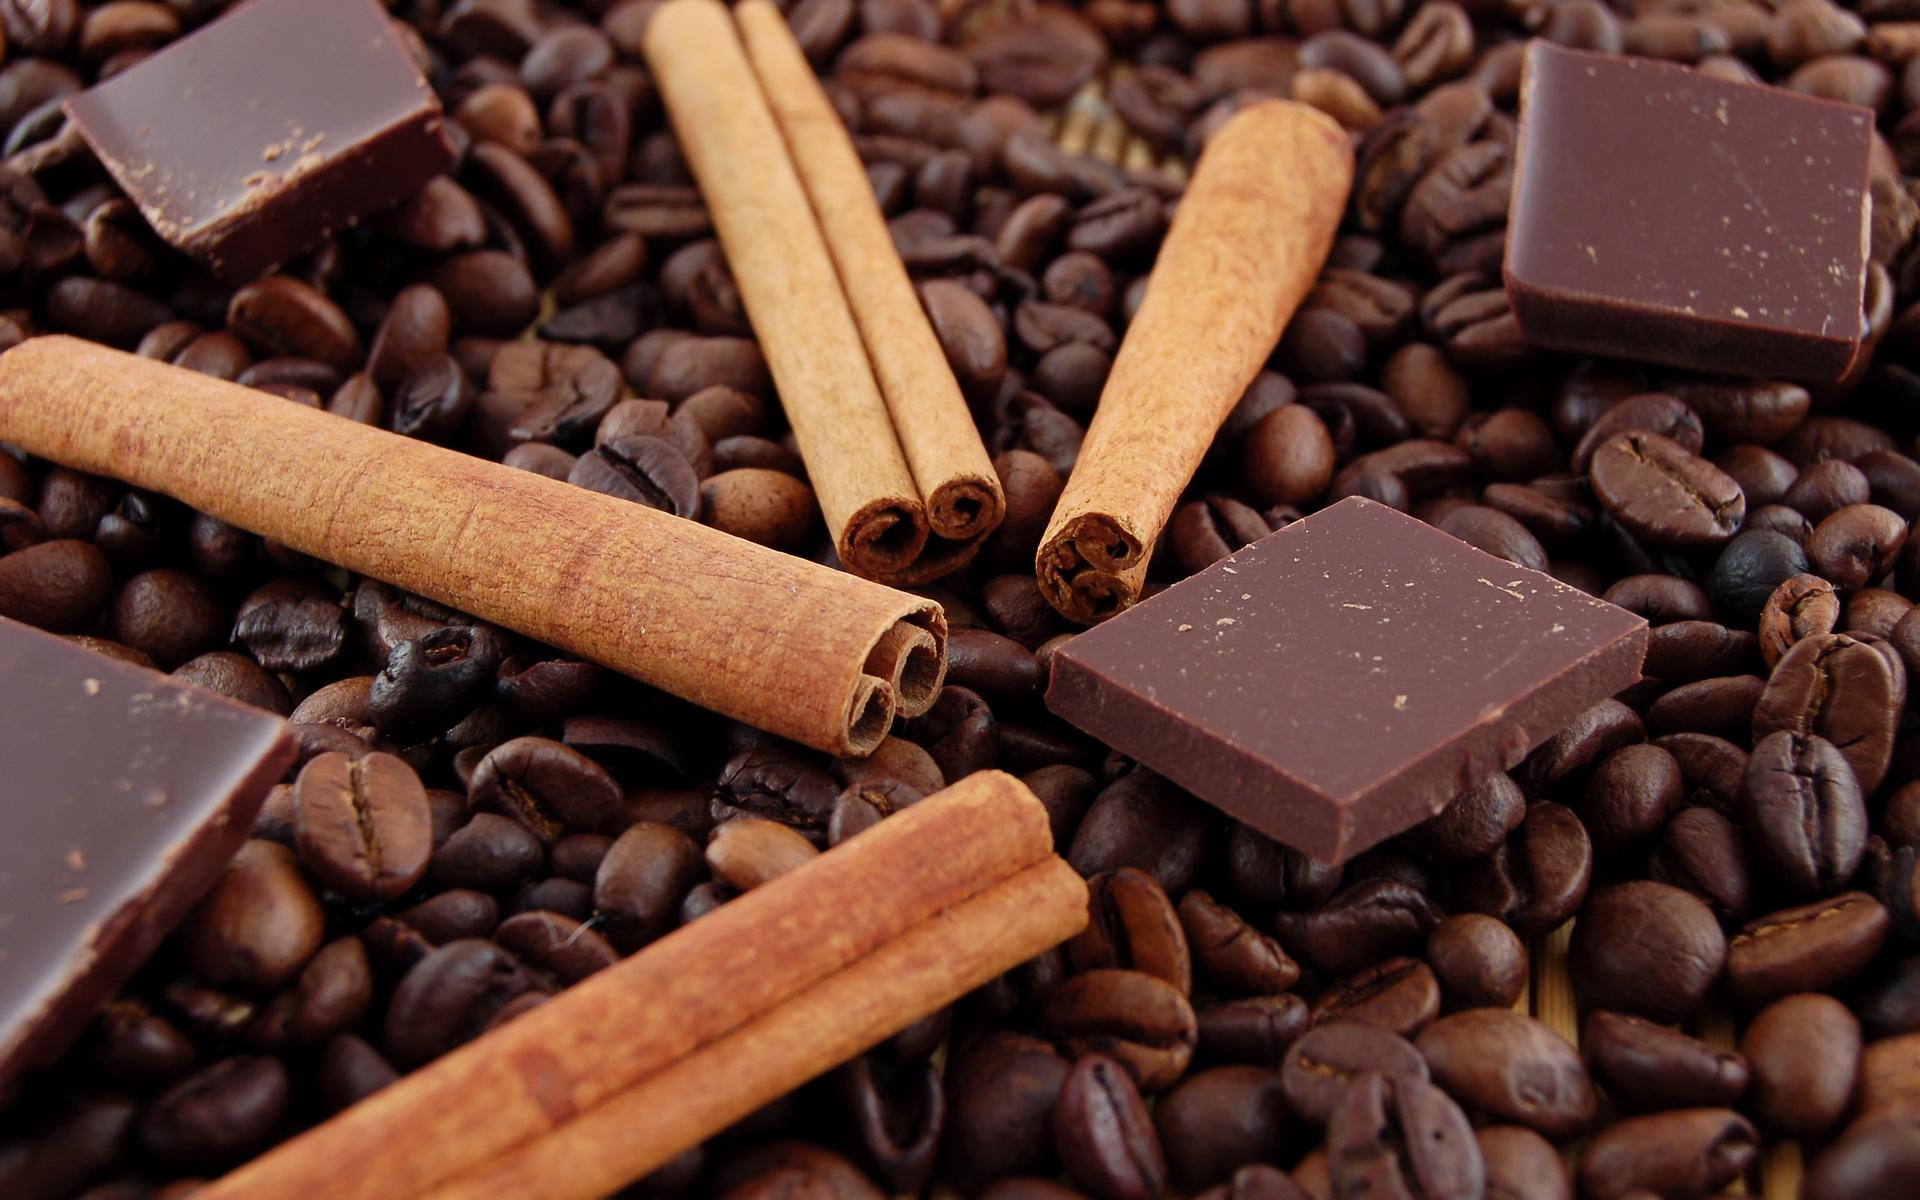 соус картинки кофе и шоколад фон привыкли, что если